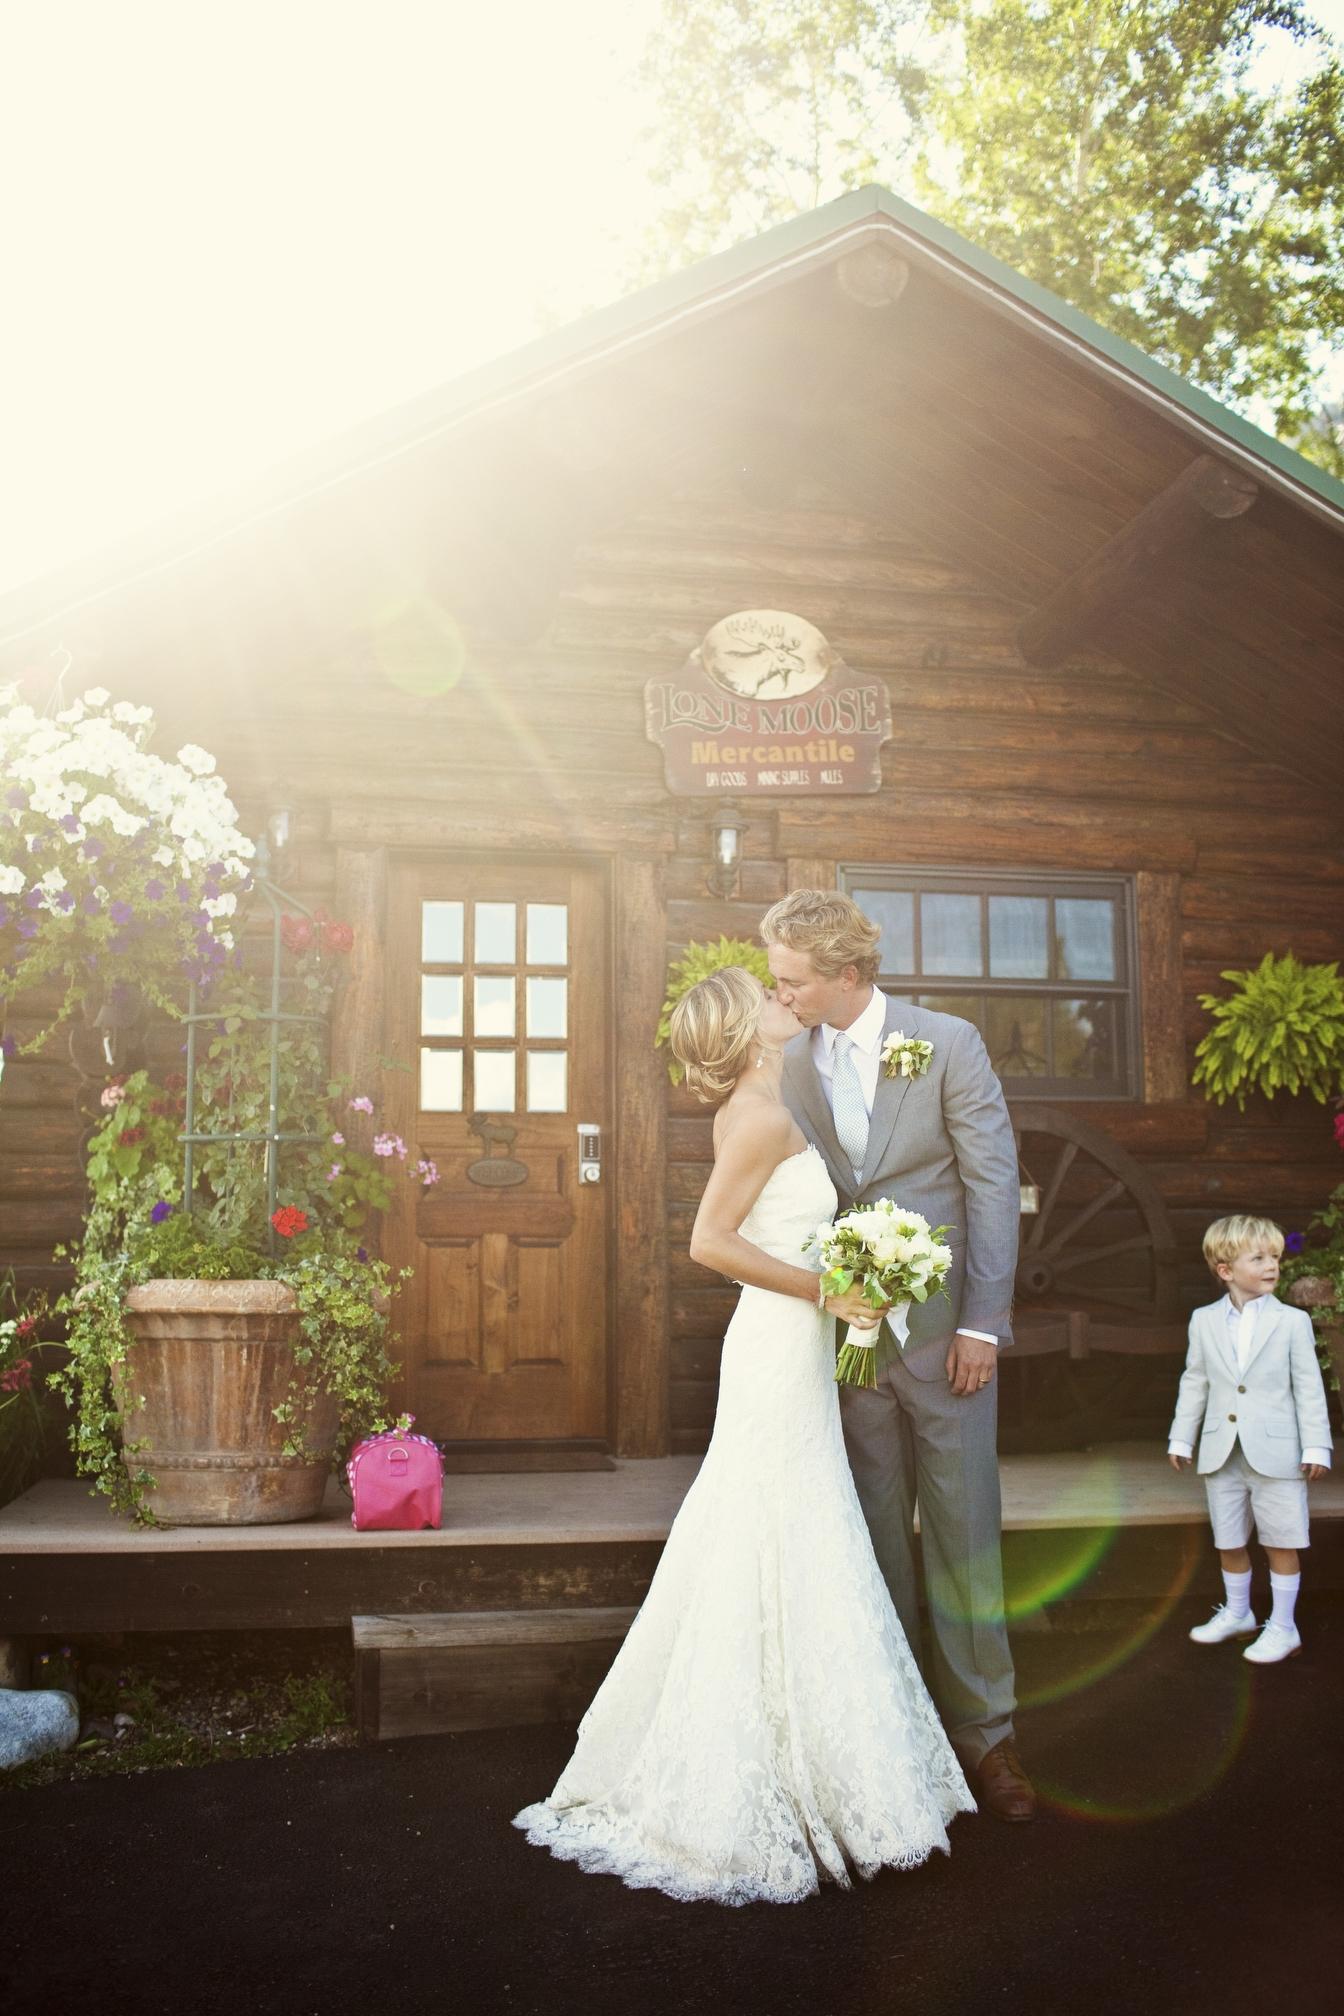 Turner Jackson Hole Wedding 2011_1127b.JPG